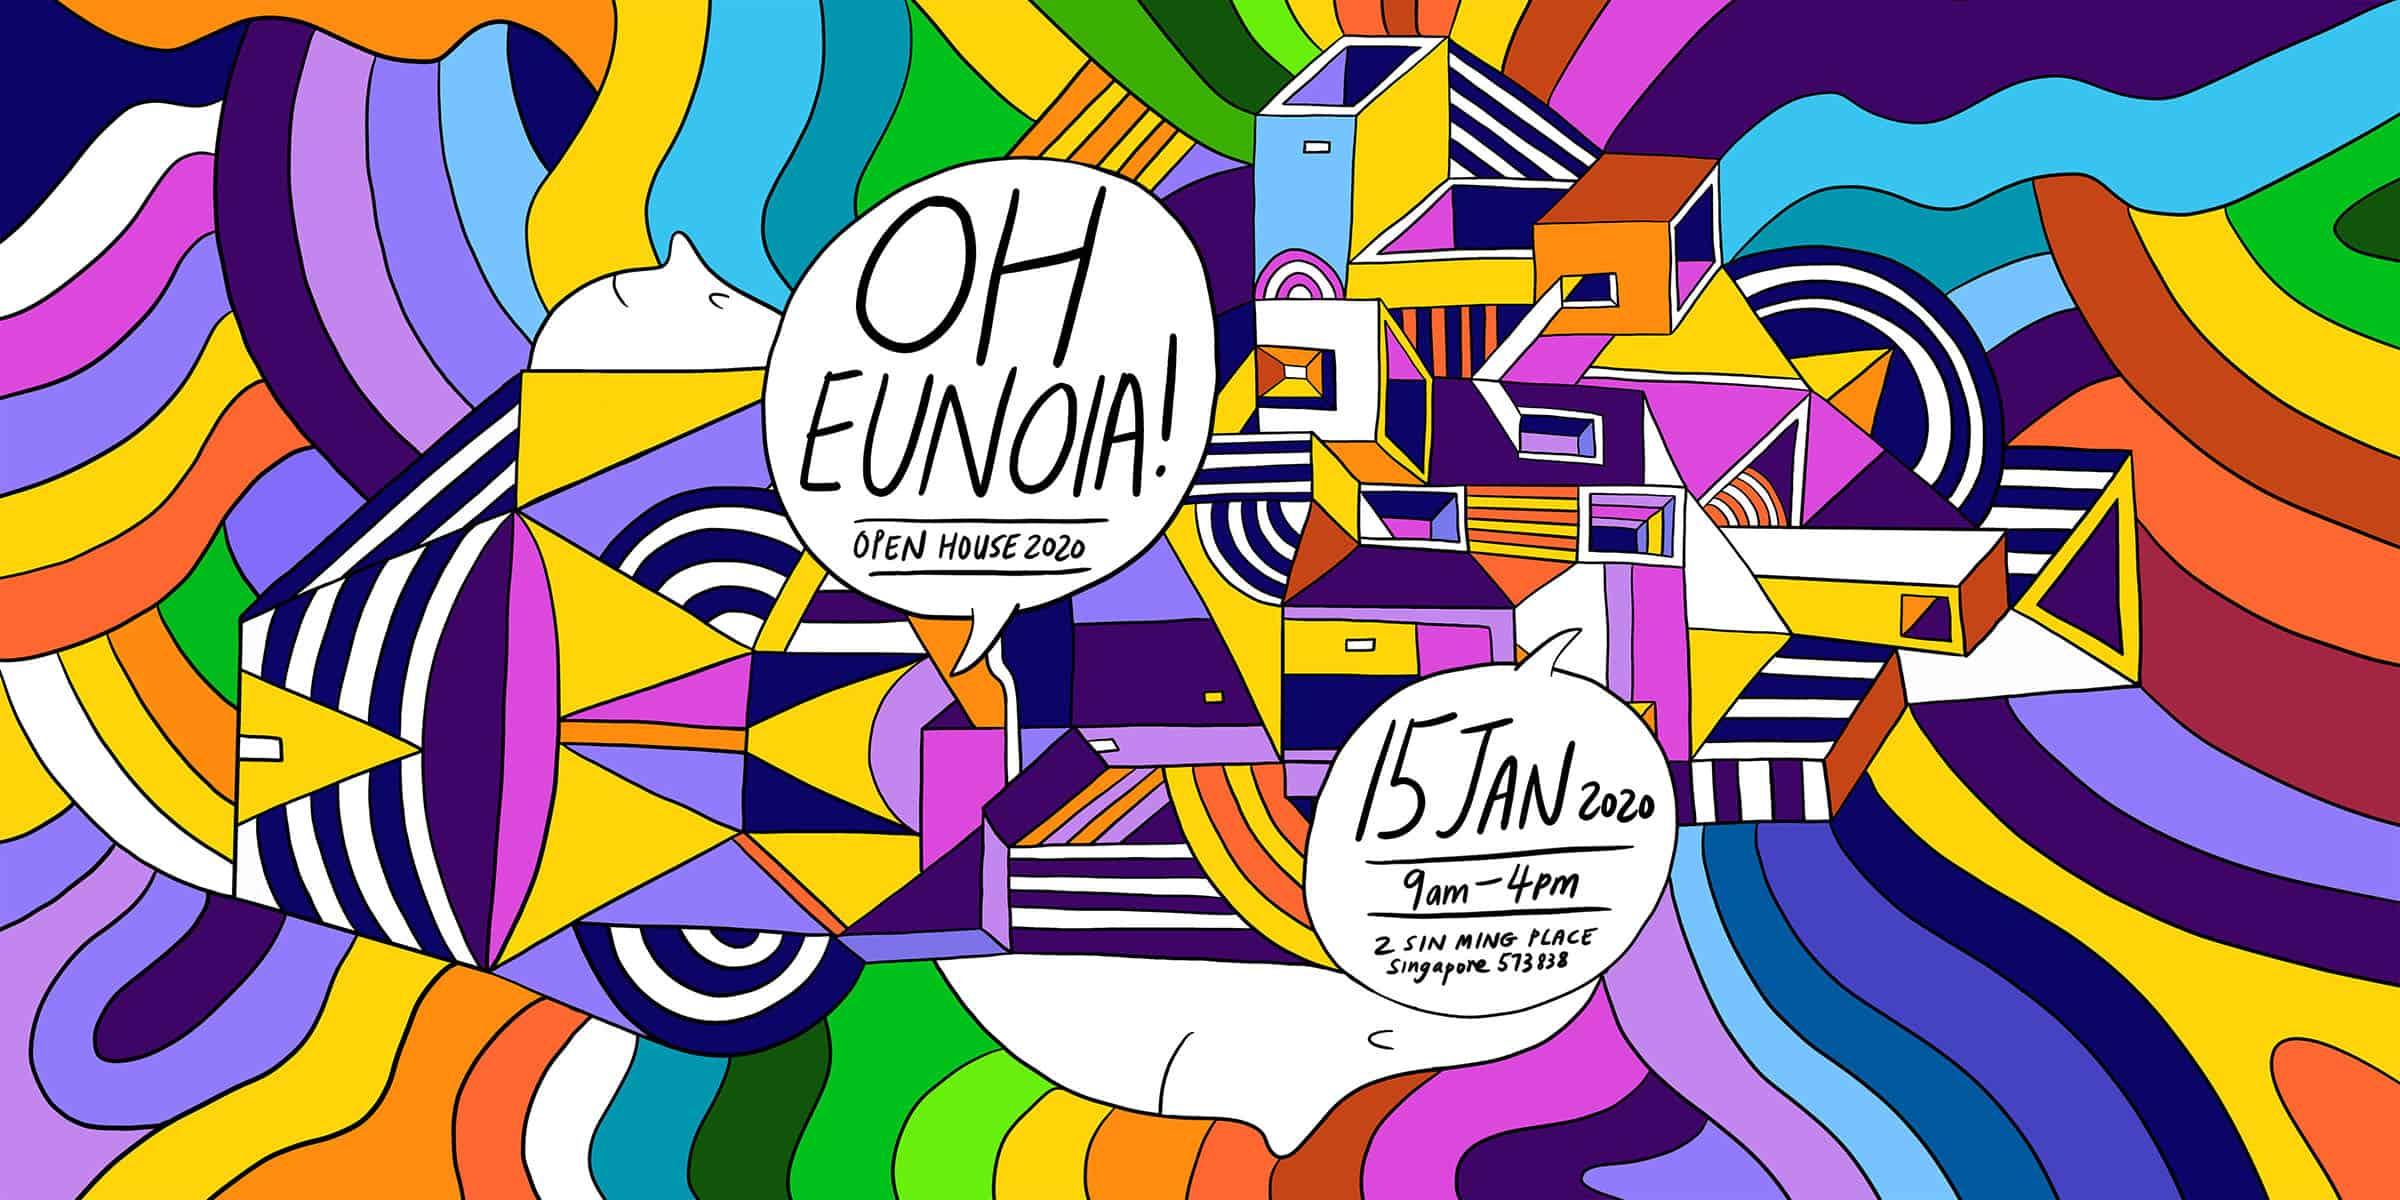 Eunoia Open House 2020